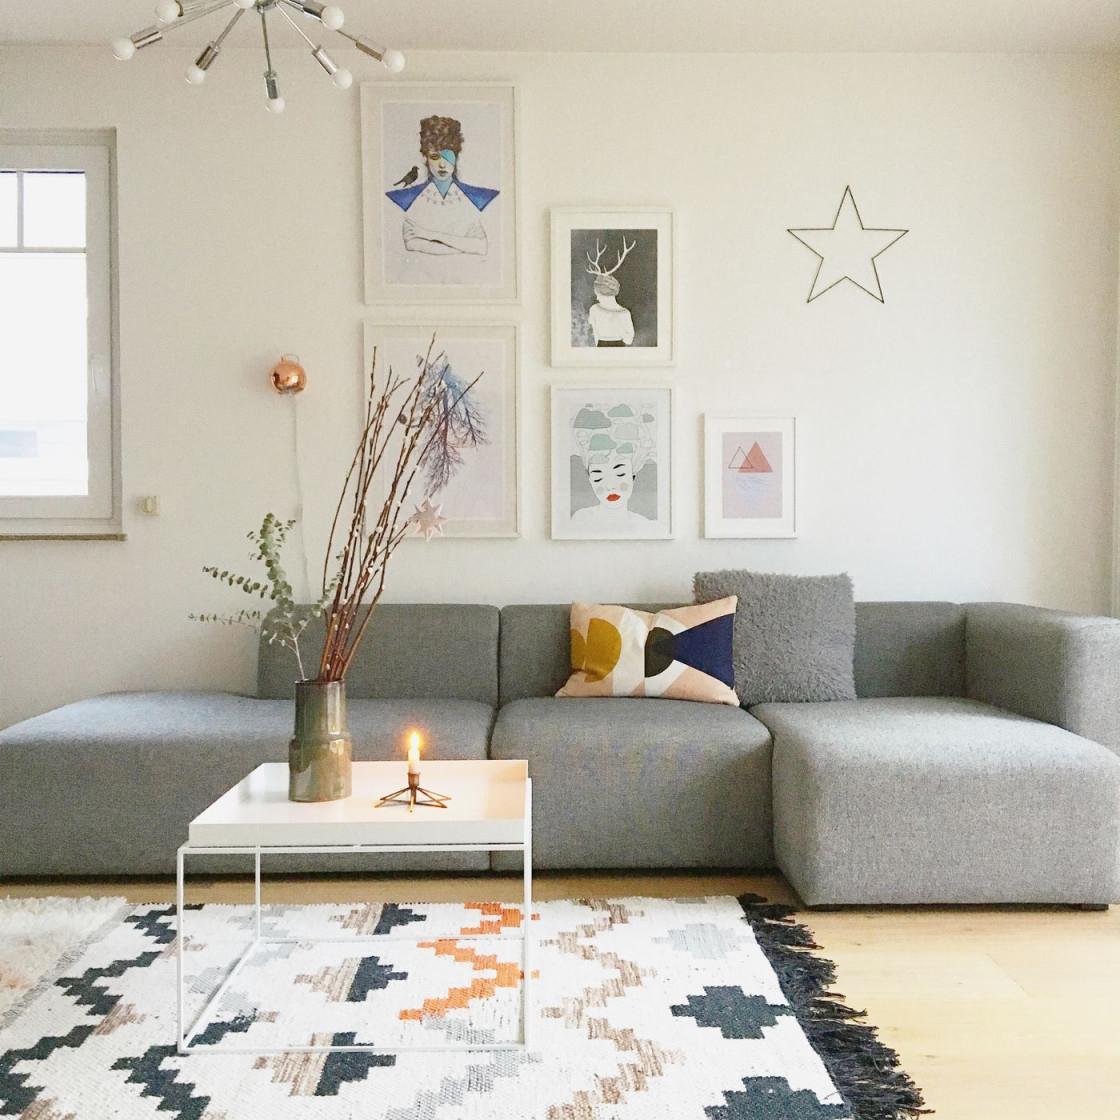 Die Besten Ideen Für Die Wandgestaltung Im Wohnzimmer von Wohnzimmer Wände Gestalten Bilder Bild